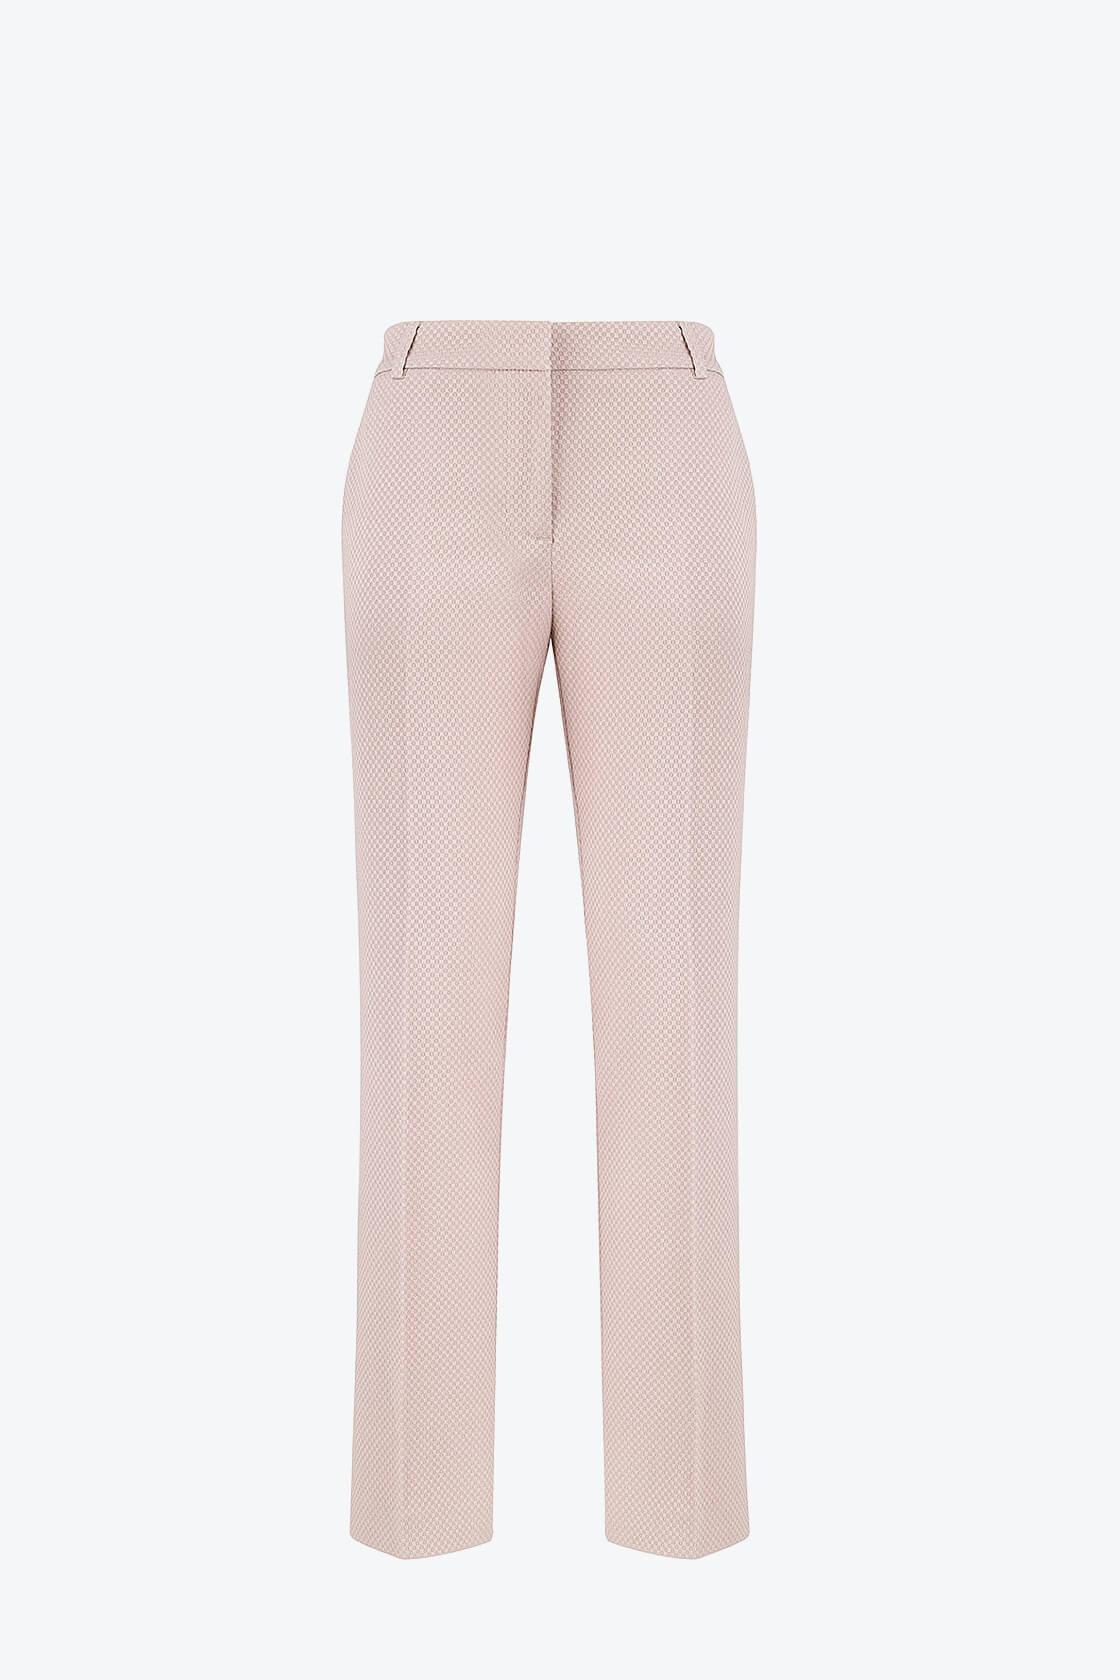 OL100002642 Dana Slim Fit Pleated Pants Taupe1